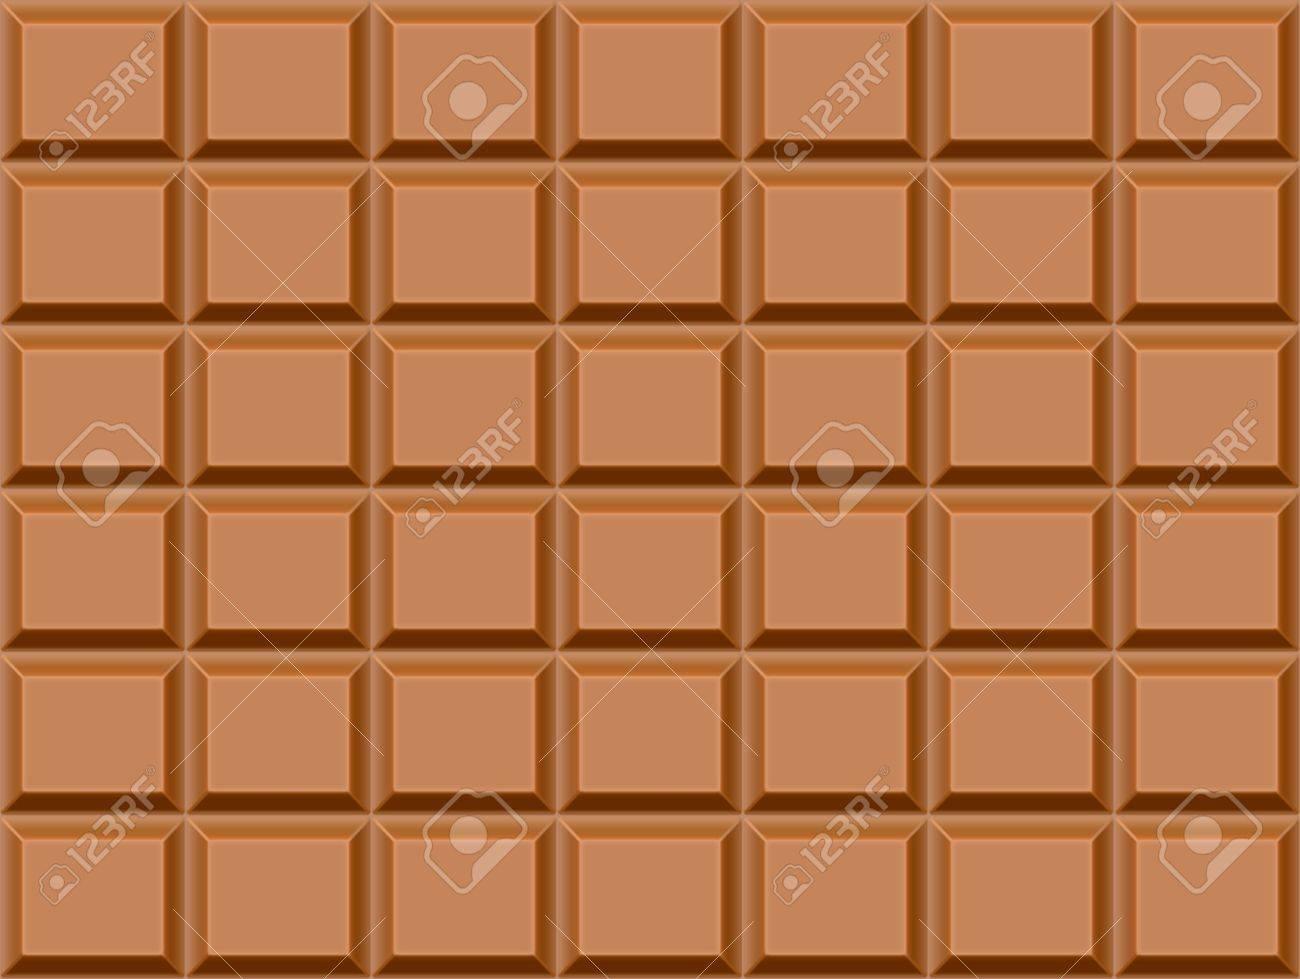 チョコレート バーの背景を持つシームレスなテクスチャです